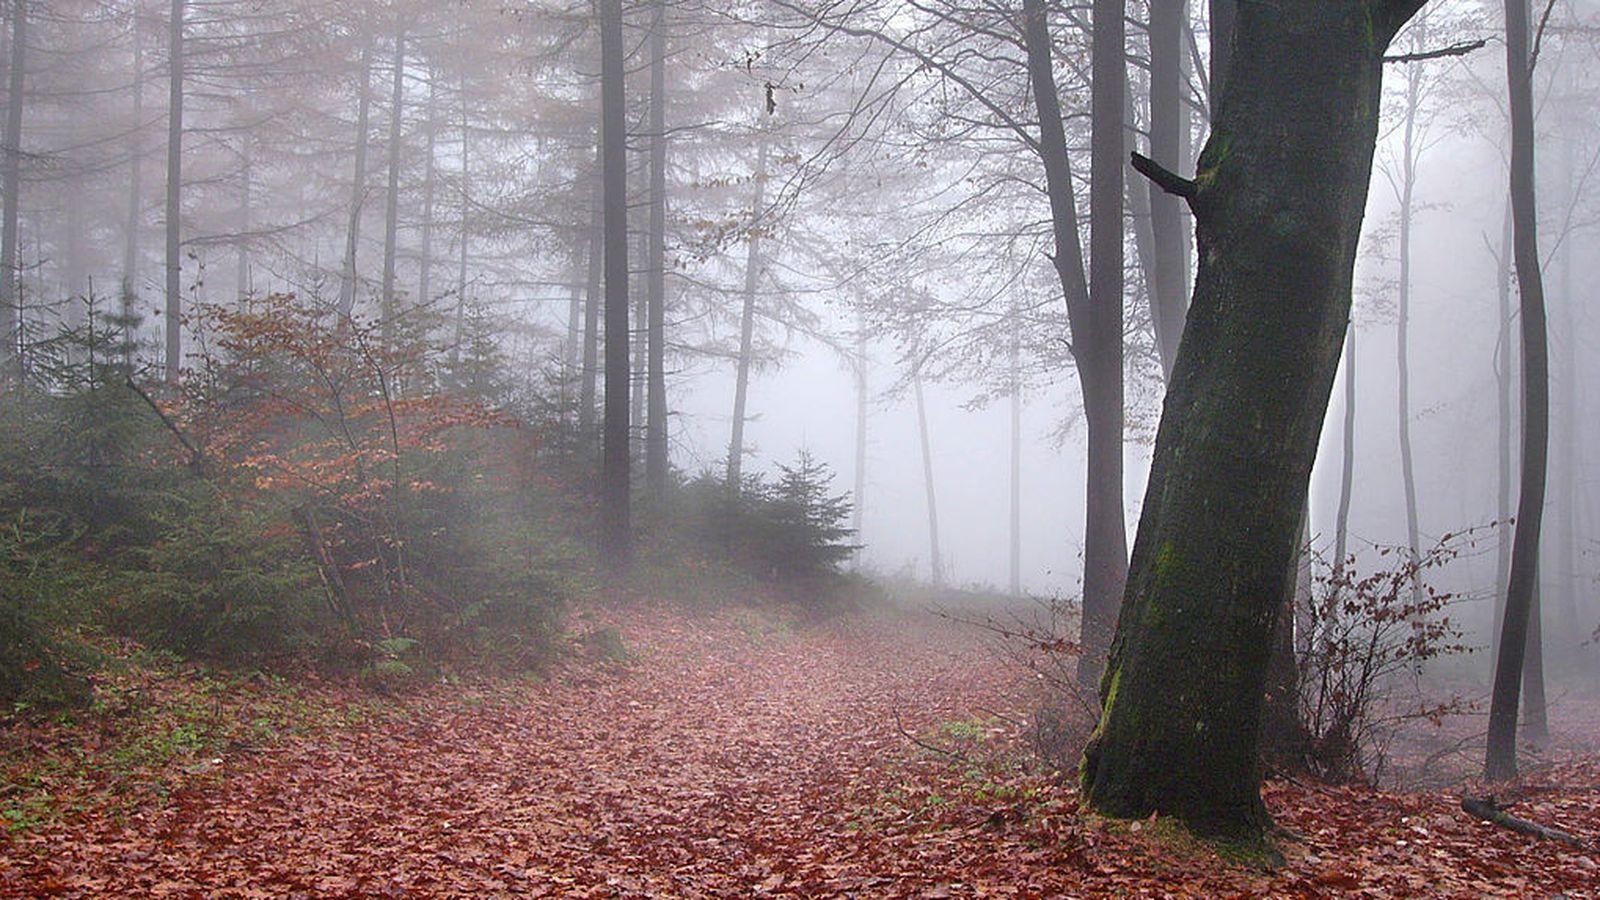 Foto: El bosque de Teutoburgo en un día con niebla. (Nikater)